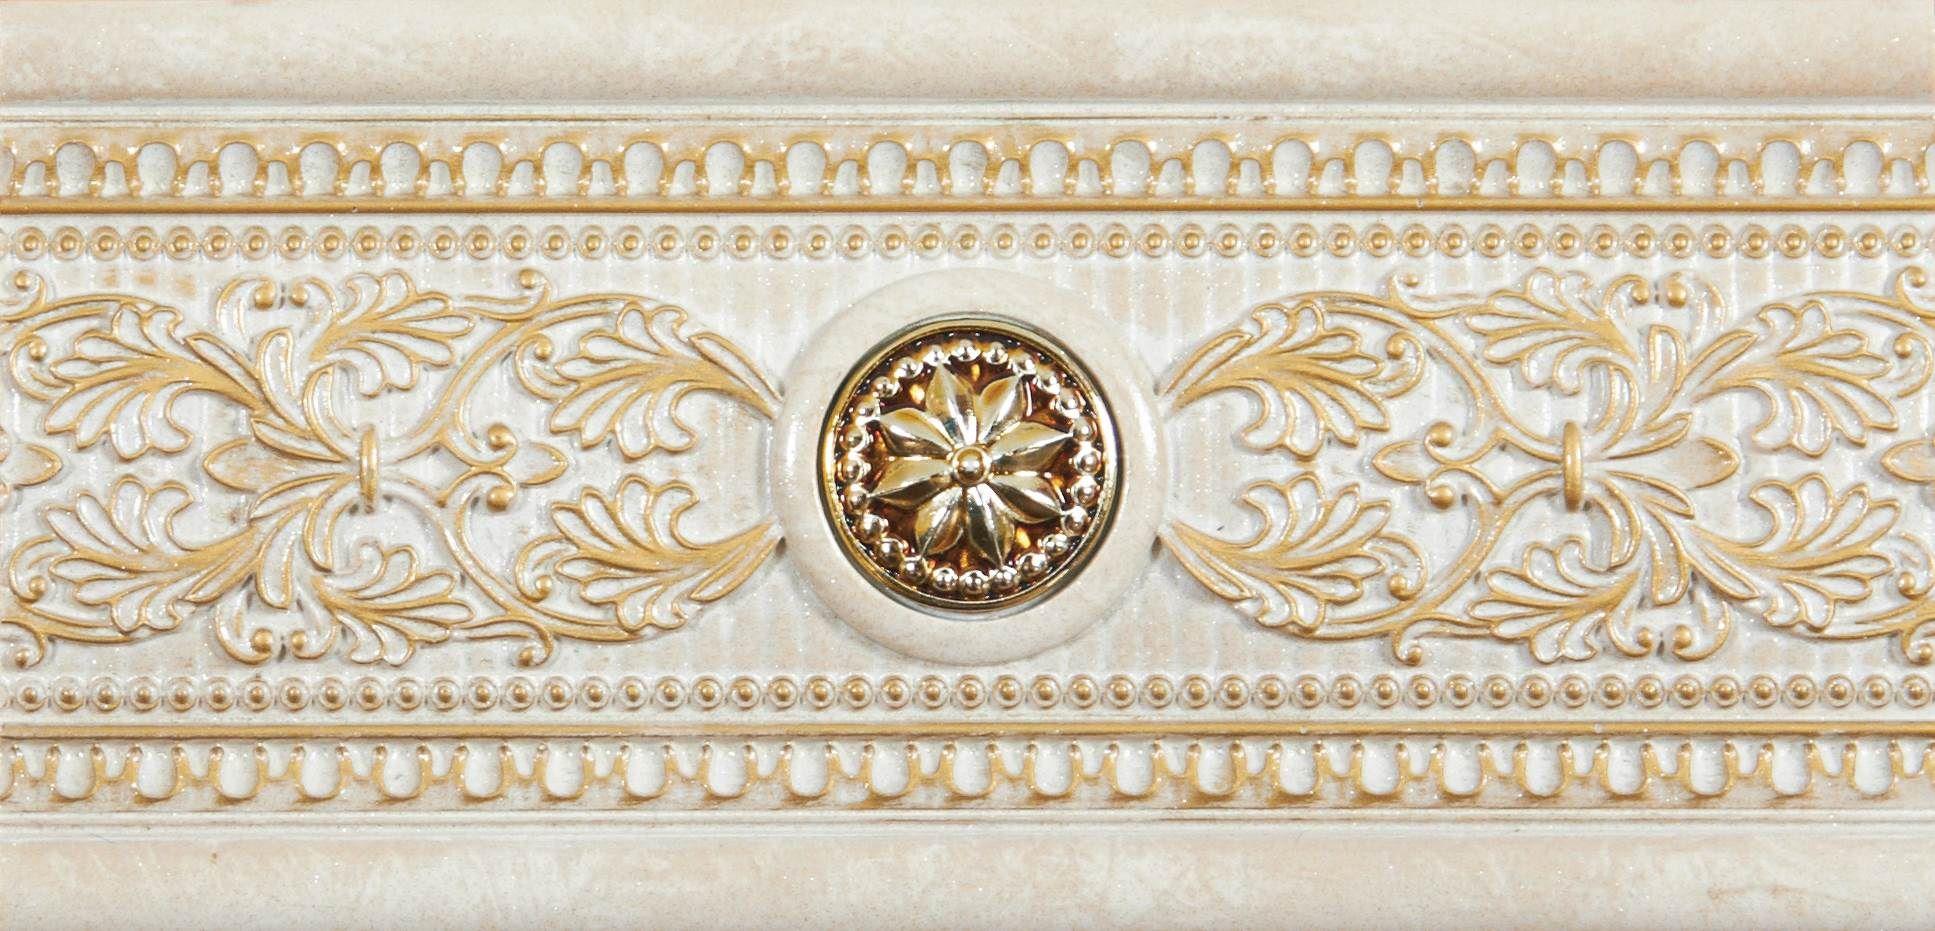 Купить Керамическая плитка Newker Coliseum Forum A Ivory Listello бордюр 15x31, Испания